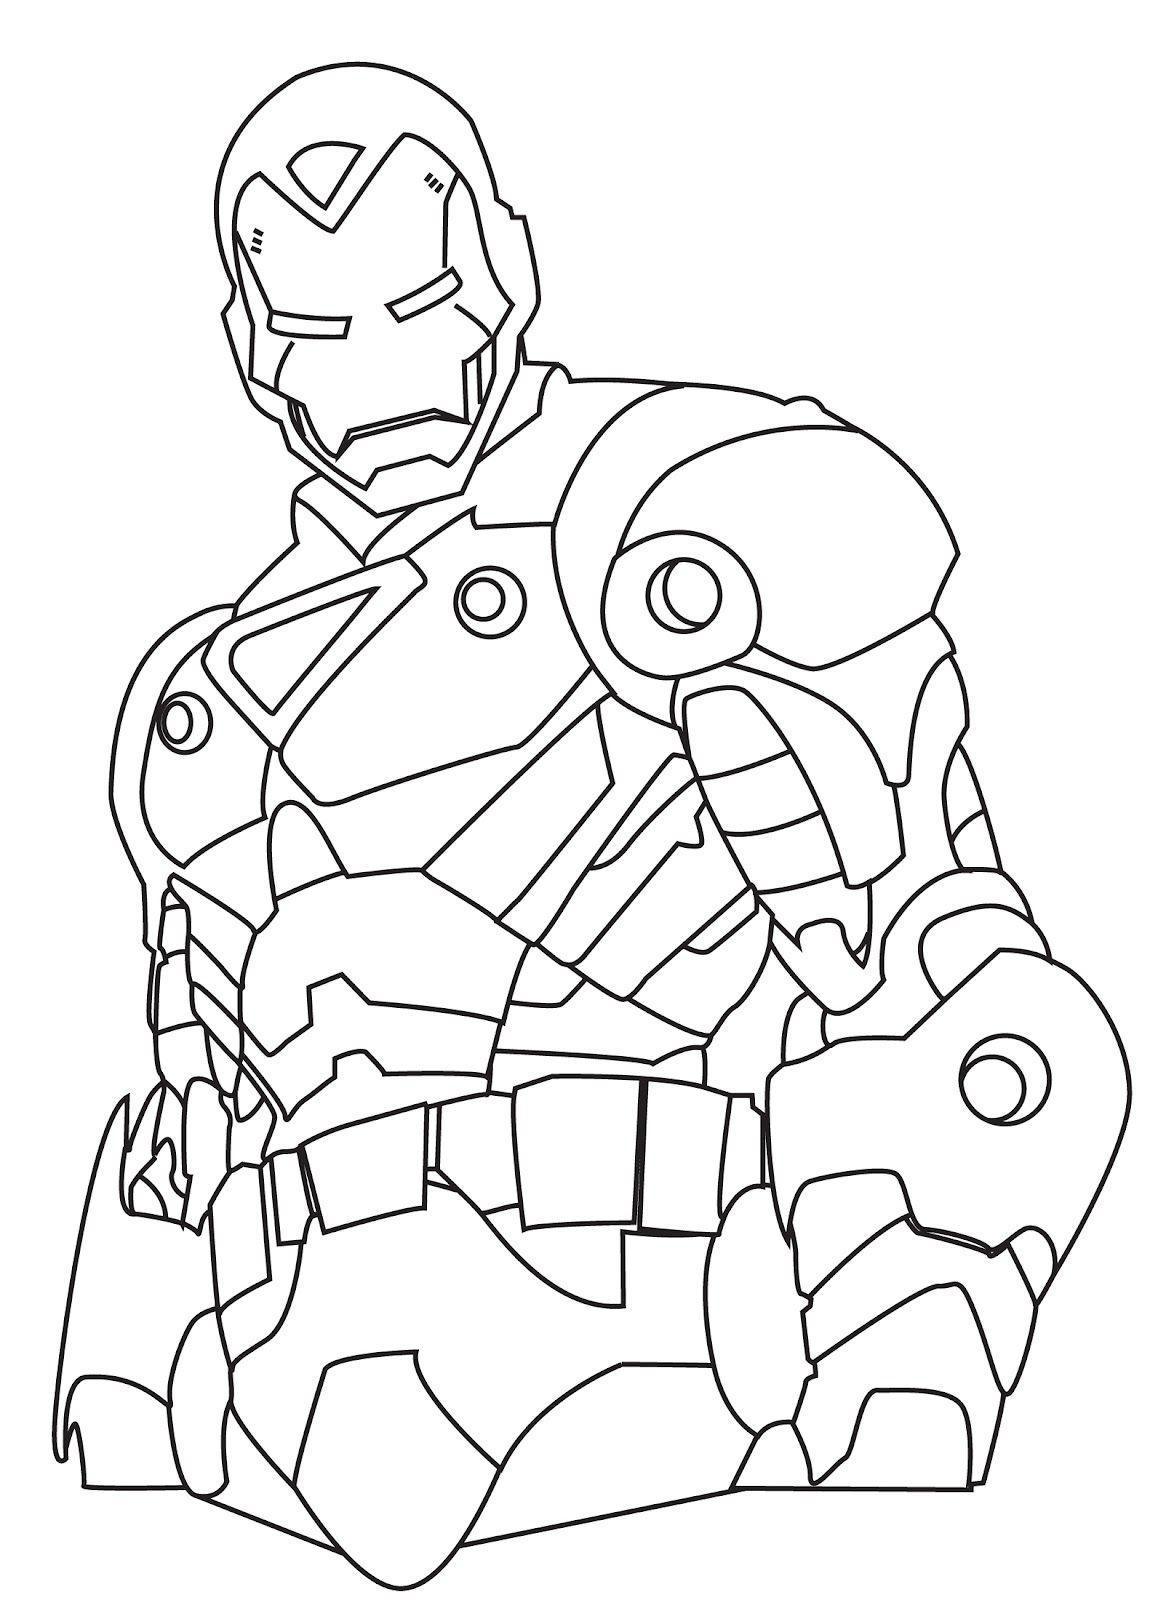 Artes da Nique: Riscos do Homem de ferro | 3d | Pinterest | Grafiken